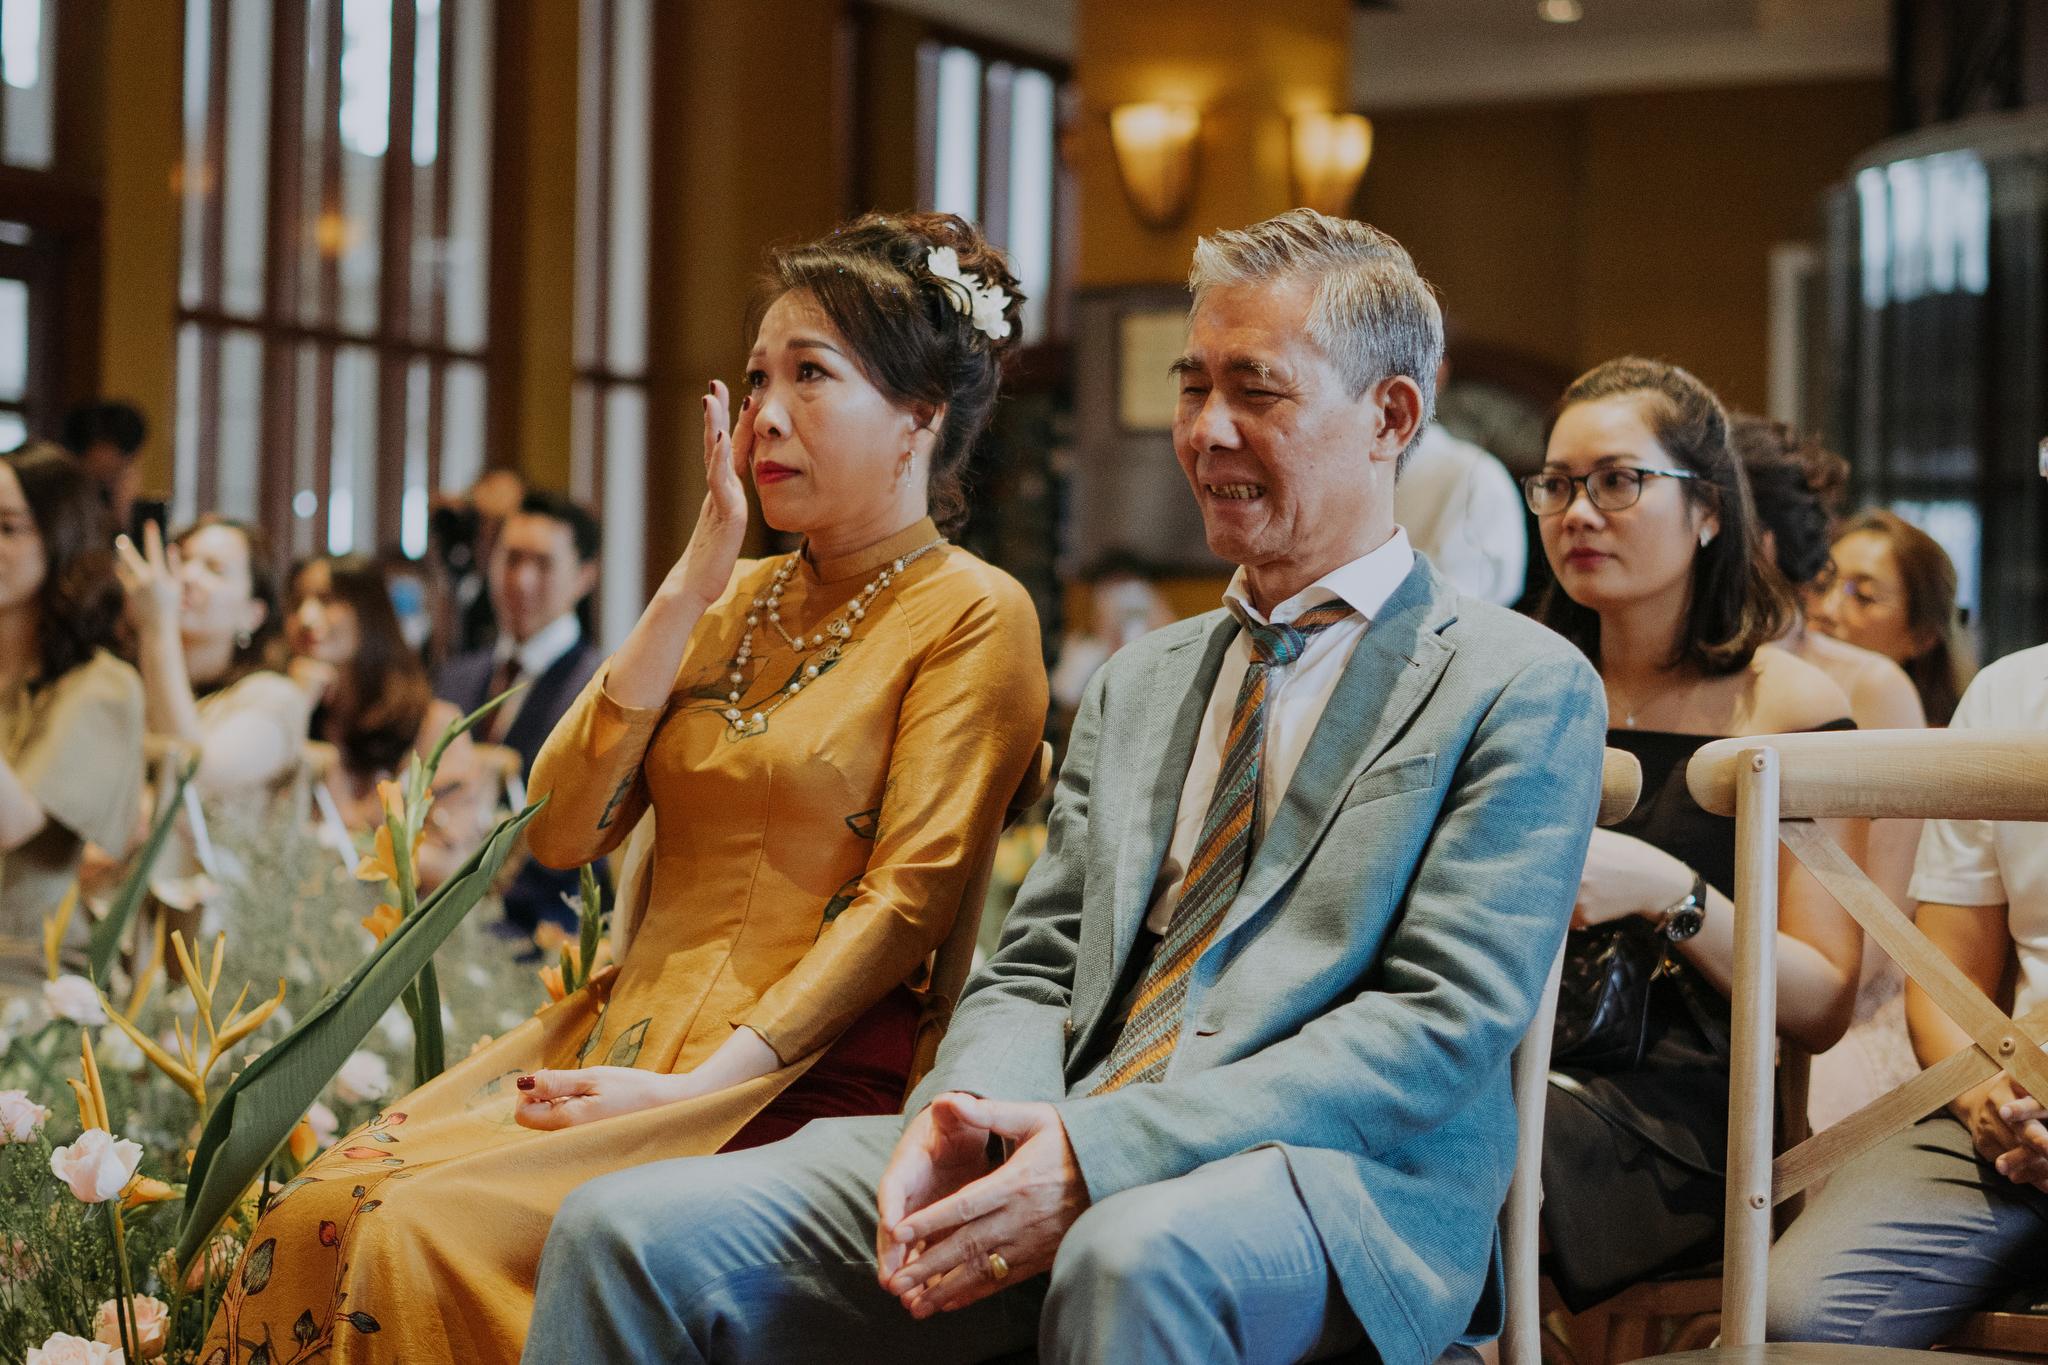 https://huk.s3.amazonaws.com/uploads/image/source/1414/Phuong-Diep-HN-Ceremony-1-0522.JPG